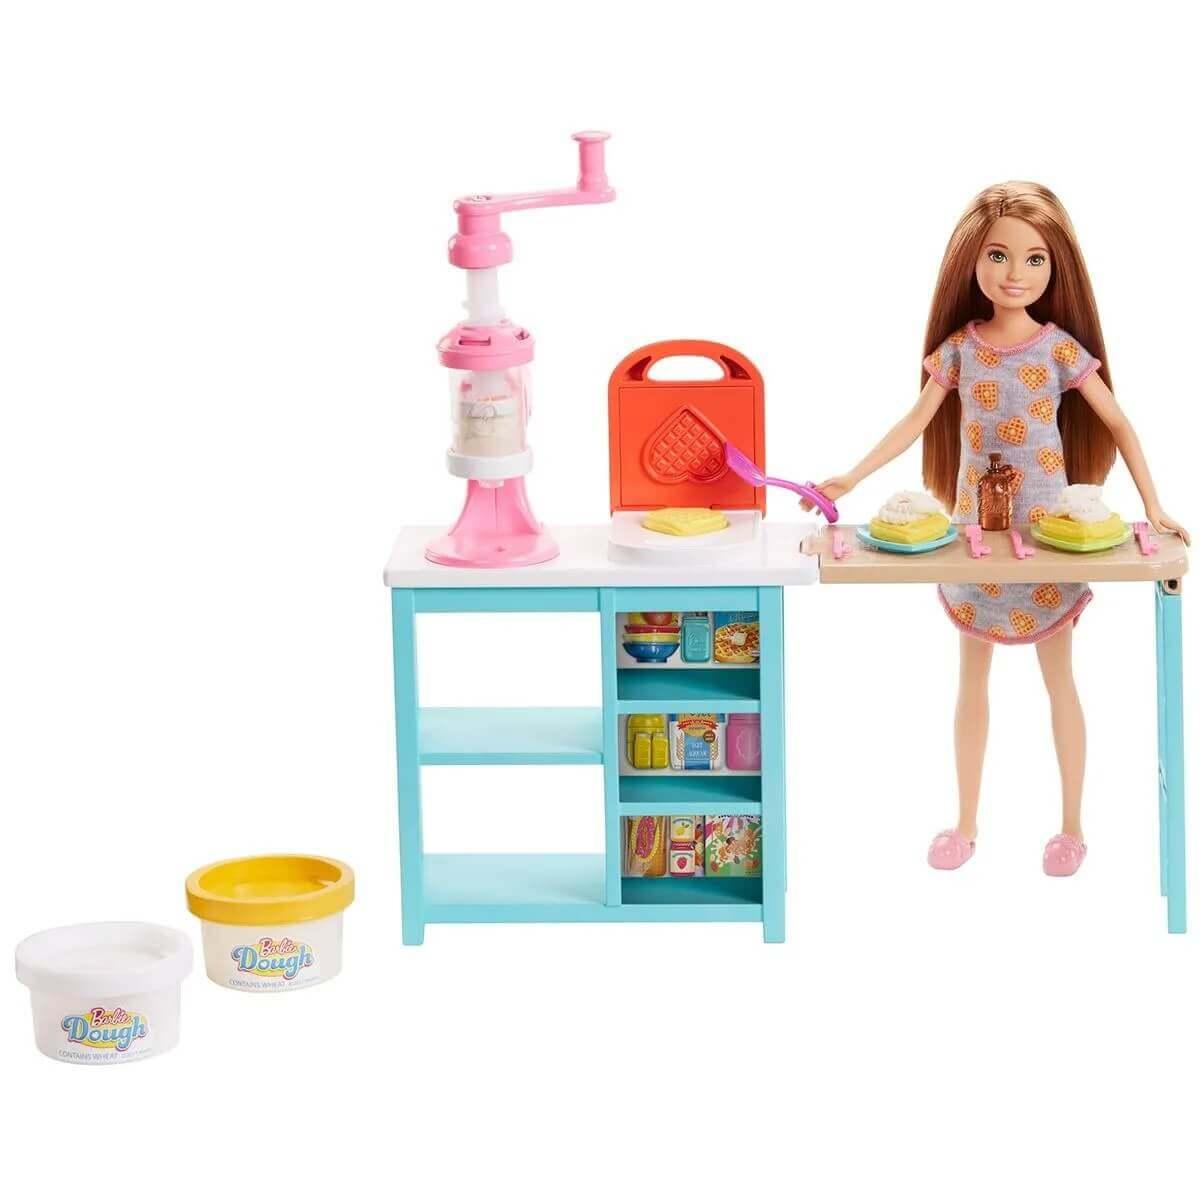 Boneca Barbie Cozinheira Stacie Estação De Doce FRH74 Mattel